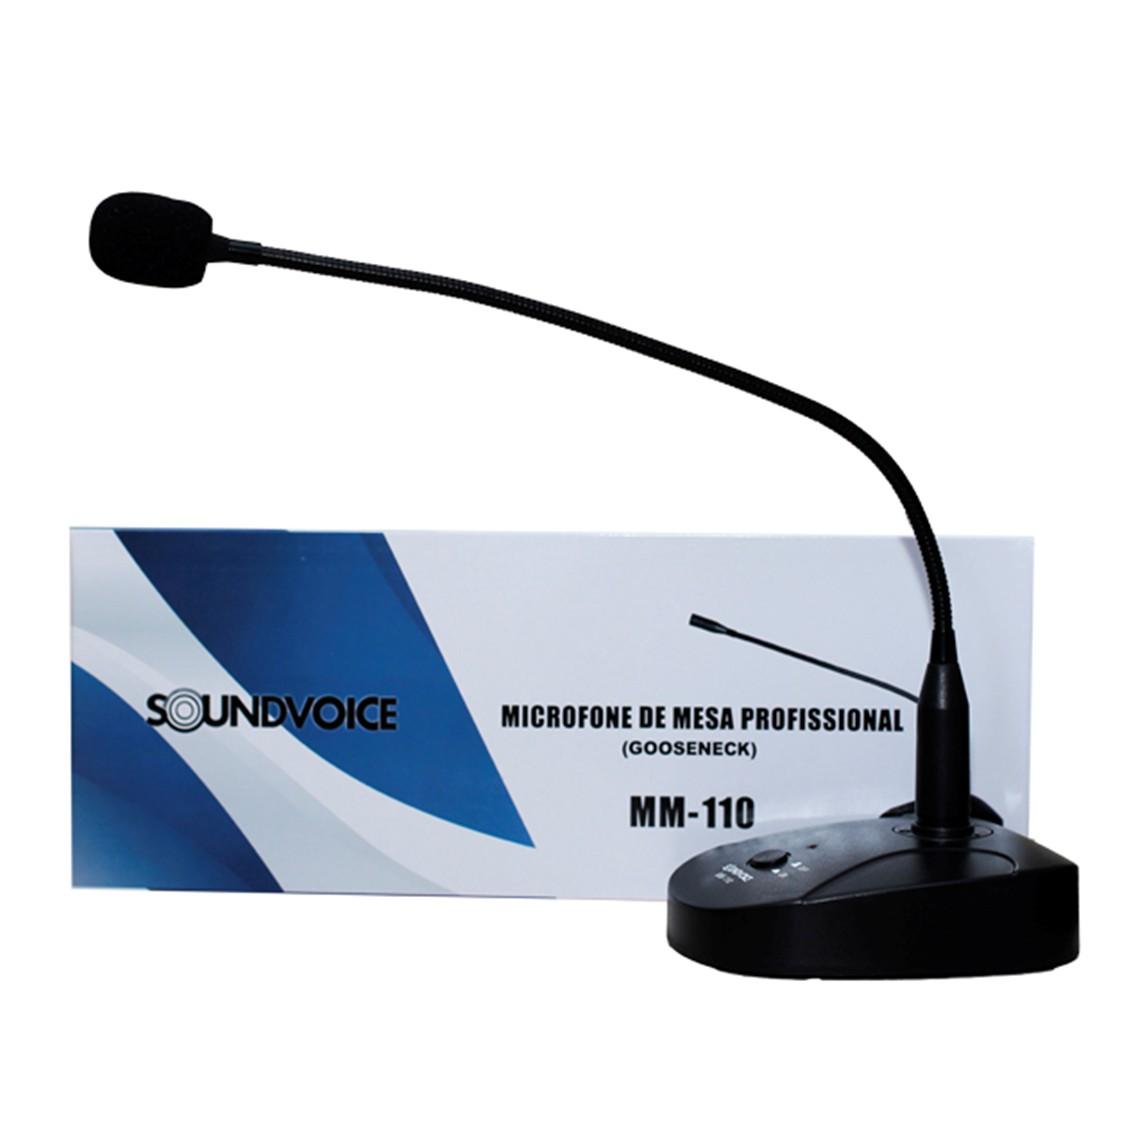 Imagem do produto Microfone de Mesa Soundvoice MM 110